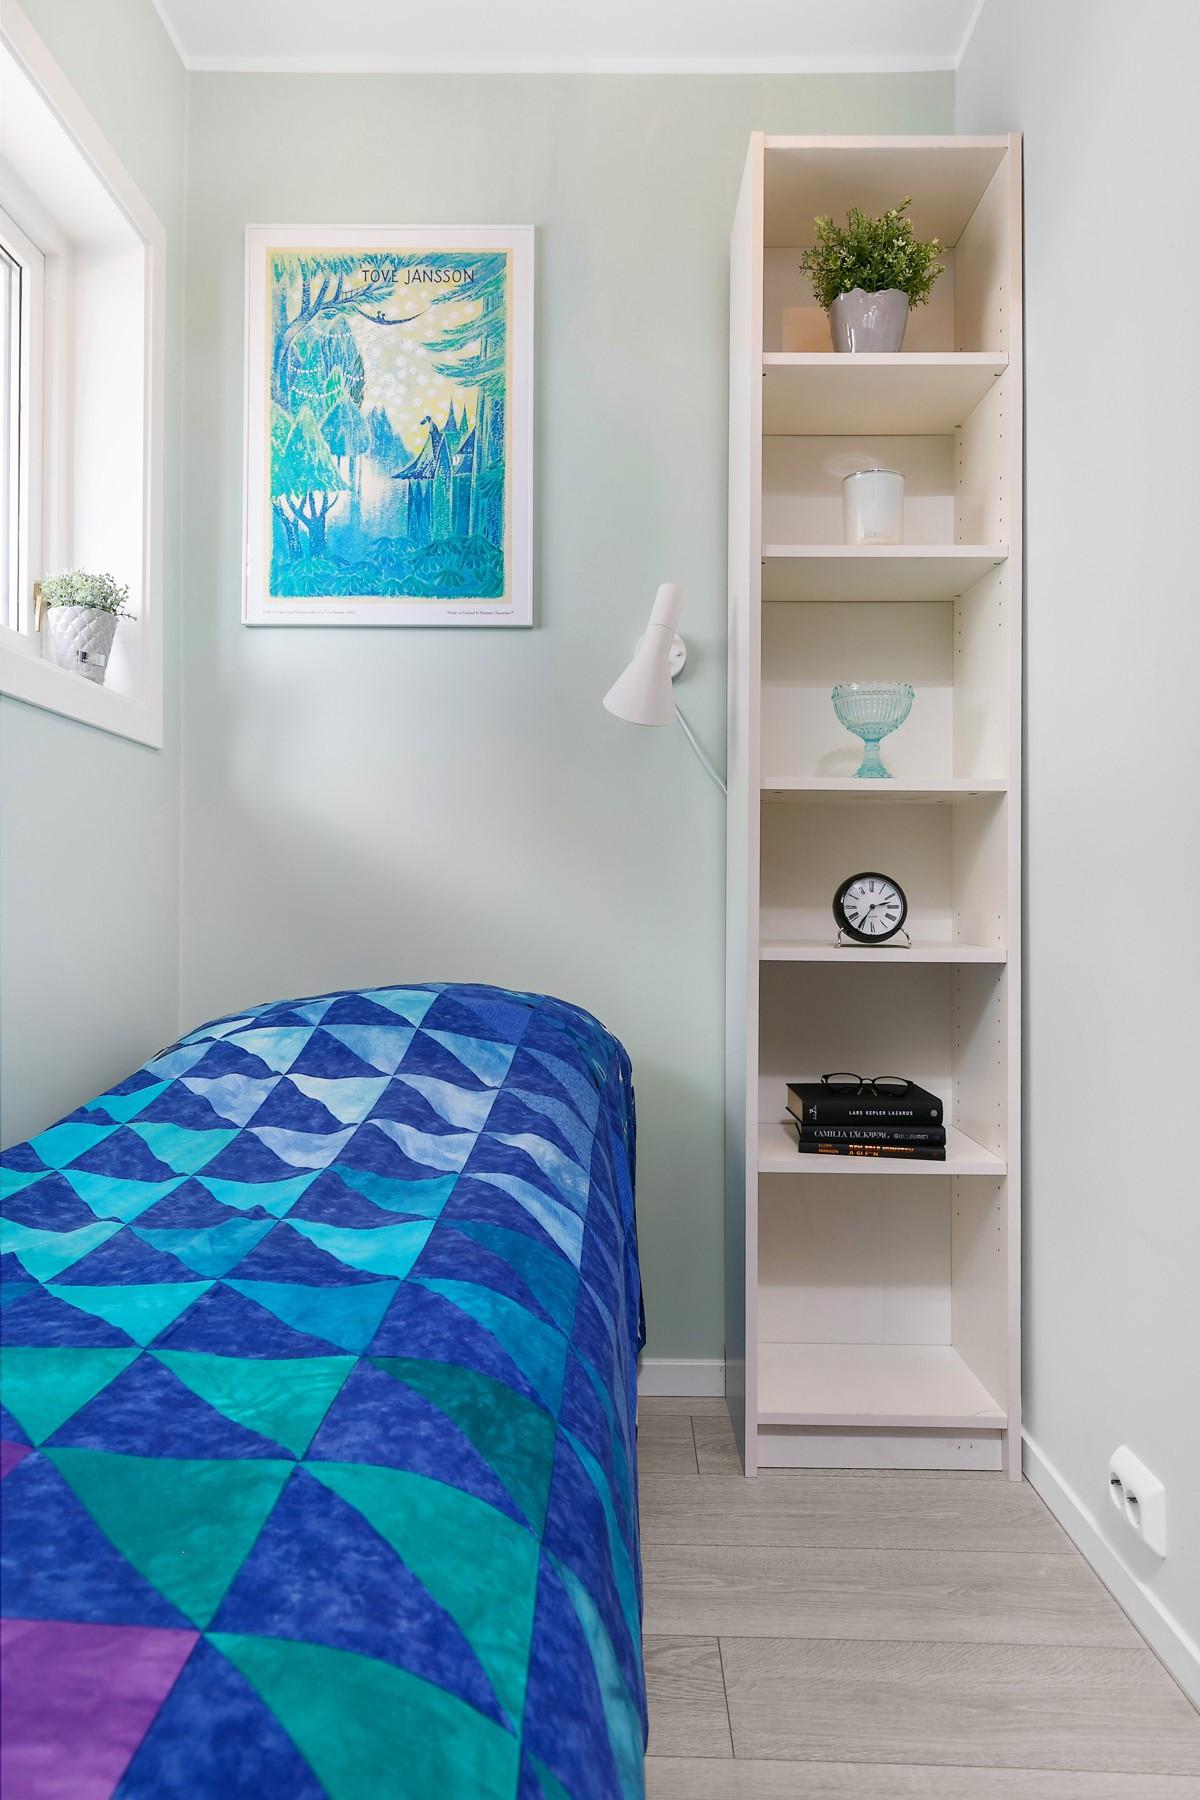 Bod/innredet rom på ca. 4 kvm som kan bli et fint kontor, gjesterom, Walk-in closet